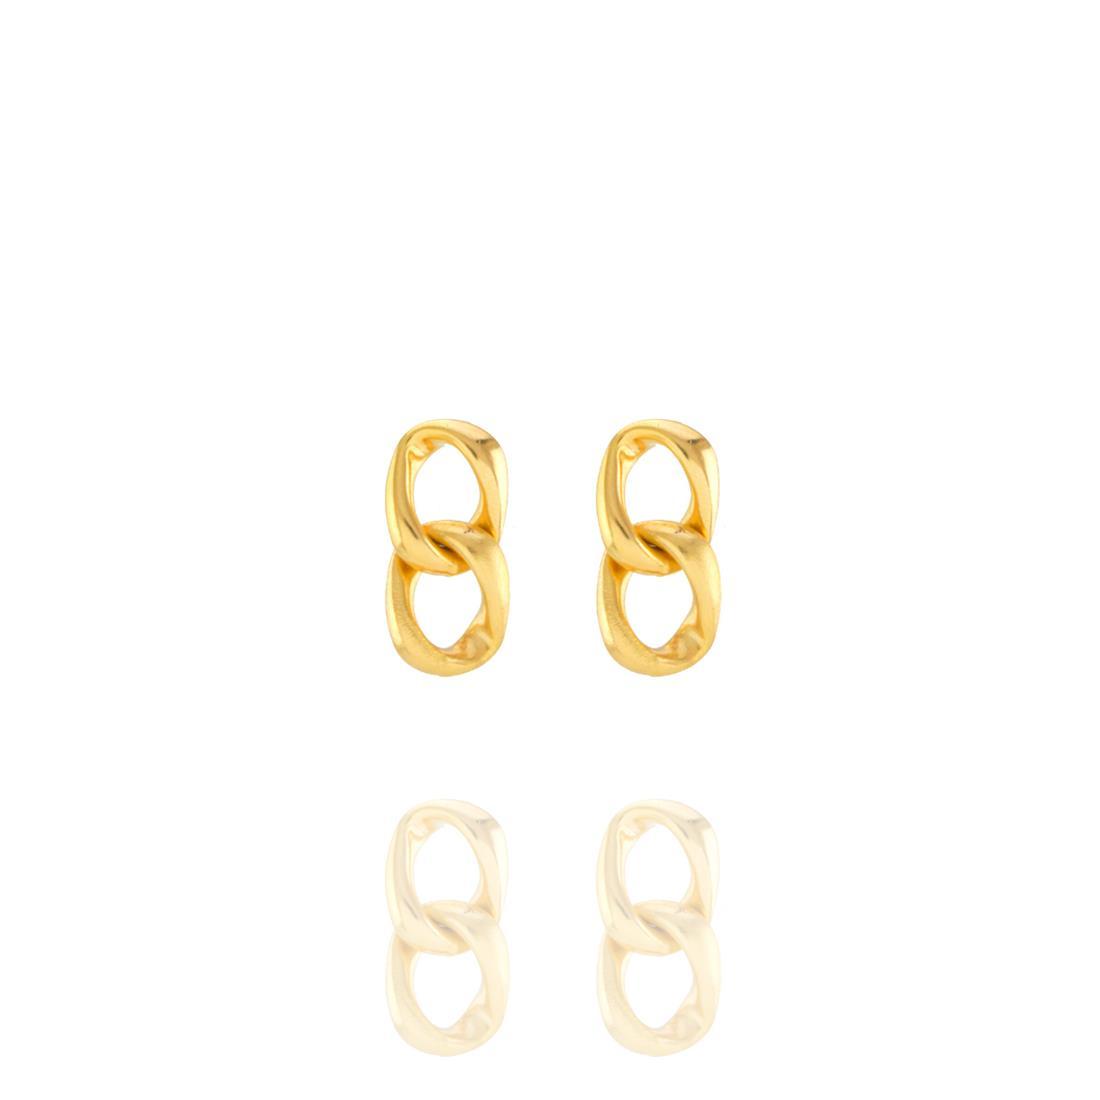 Brinco Dourado Elos Metal Banhado a Ouro Barbara Strauss